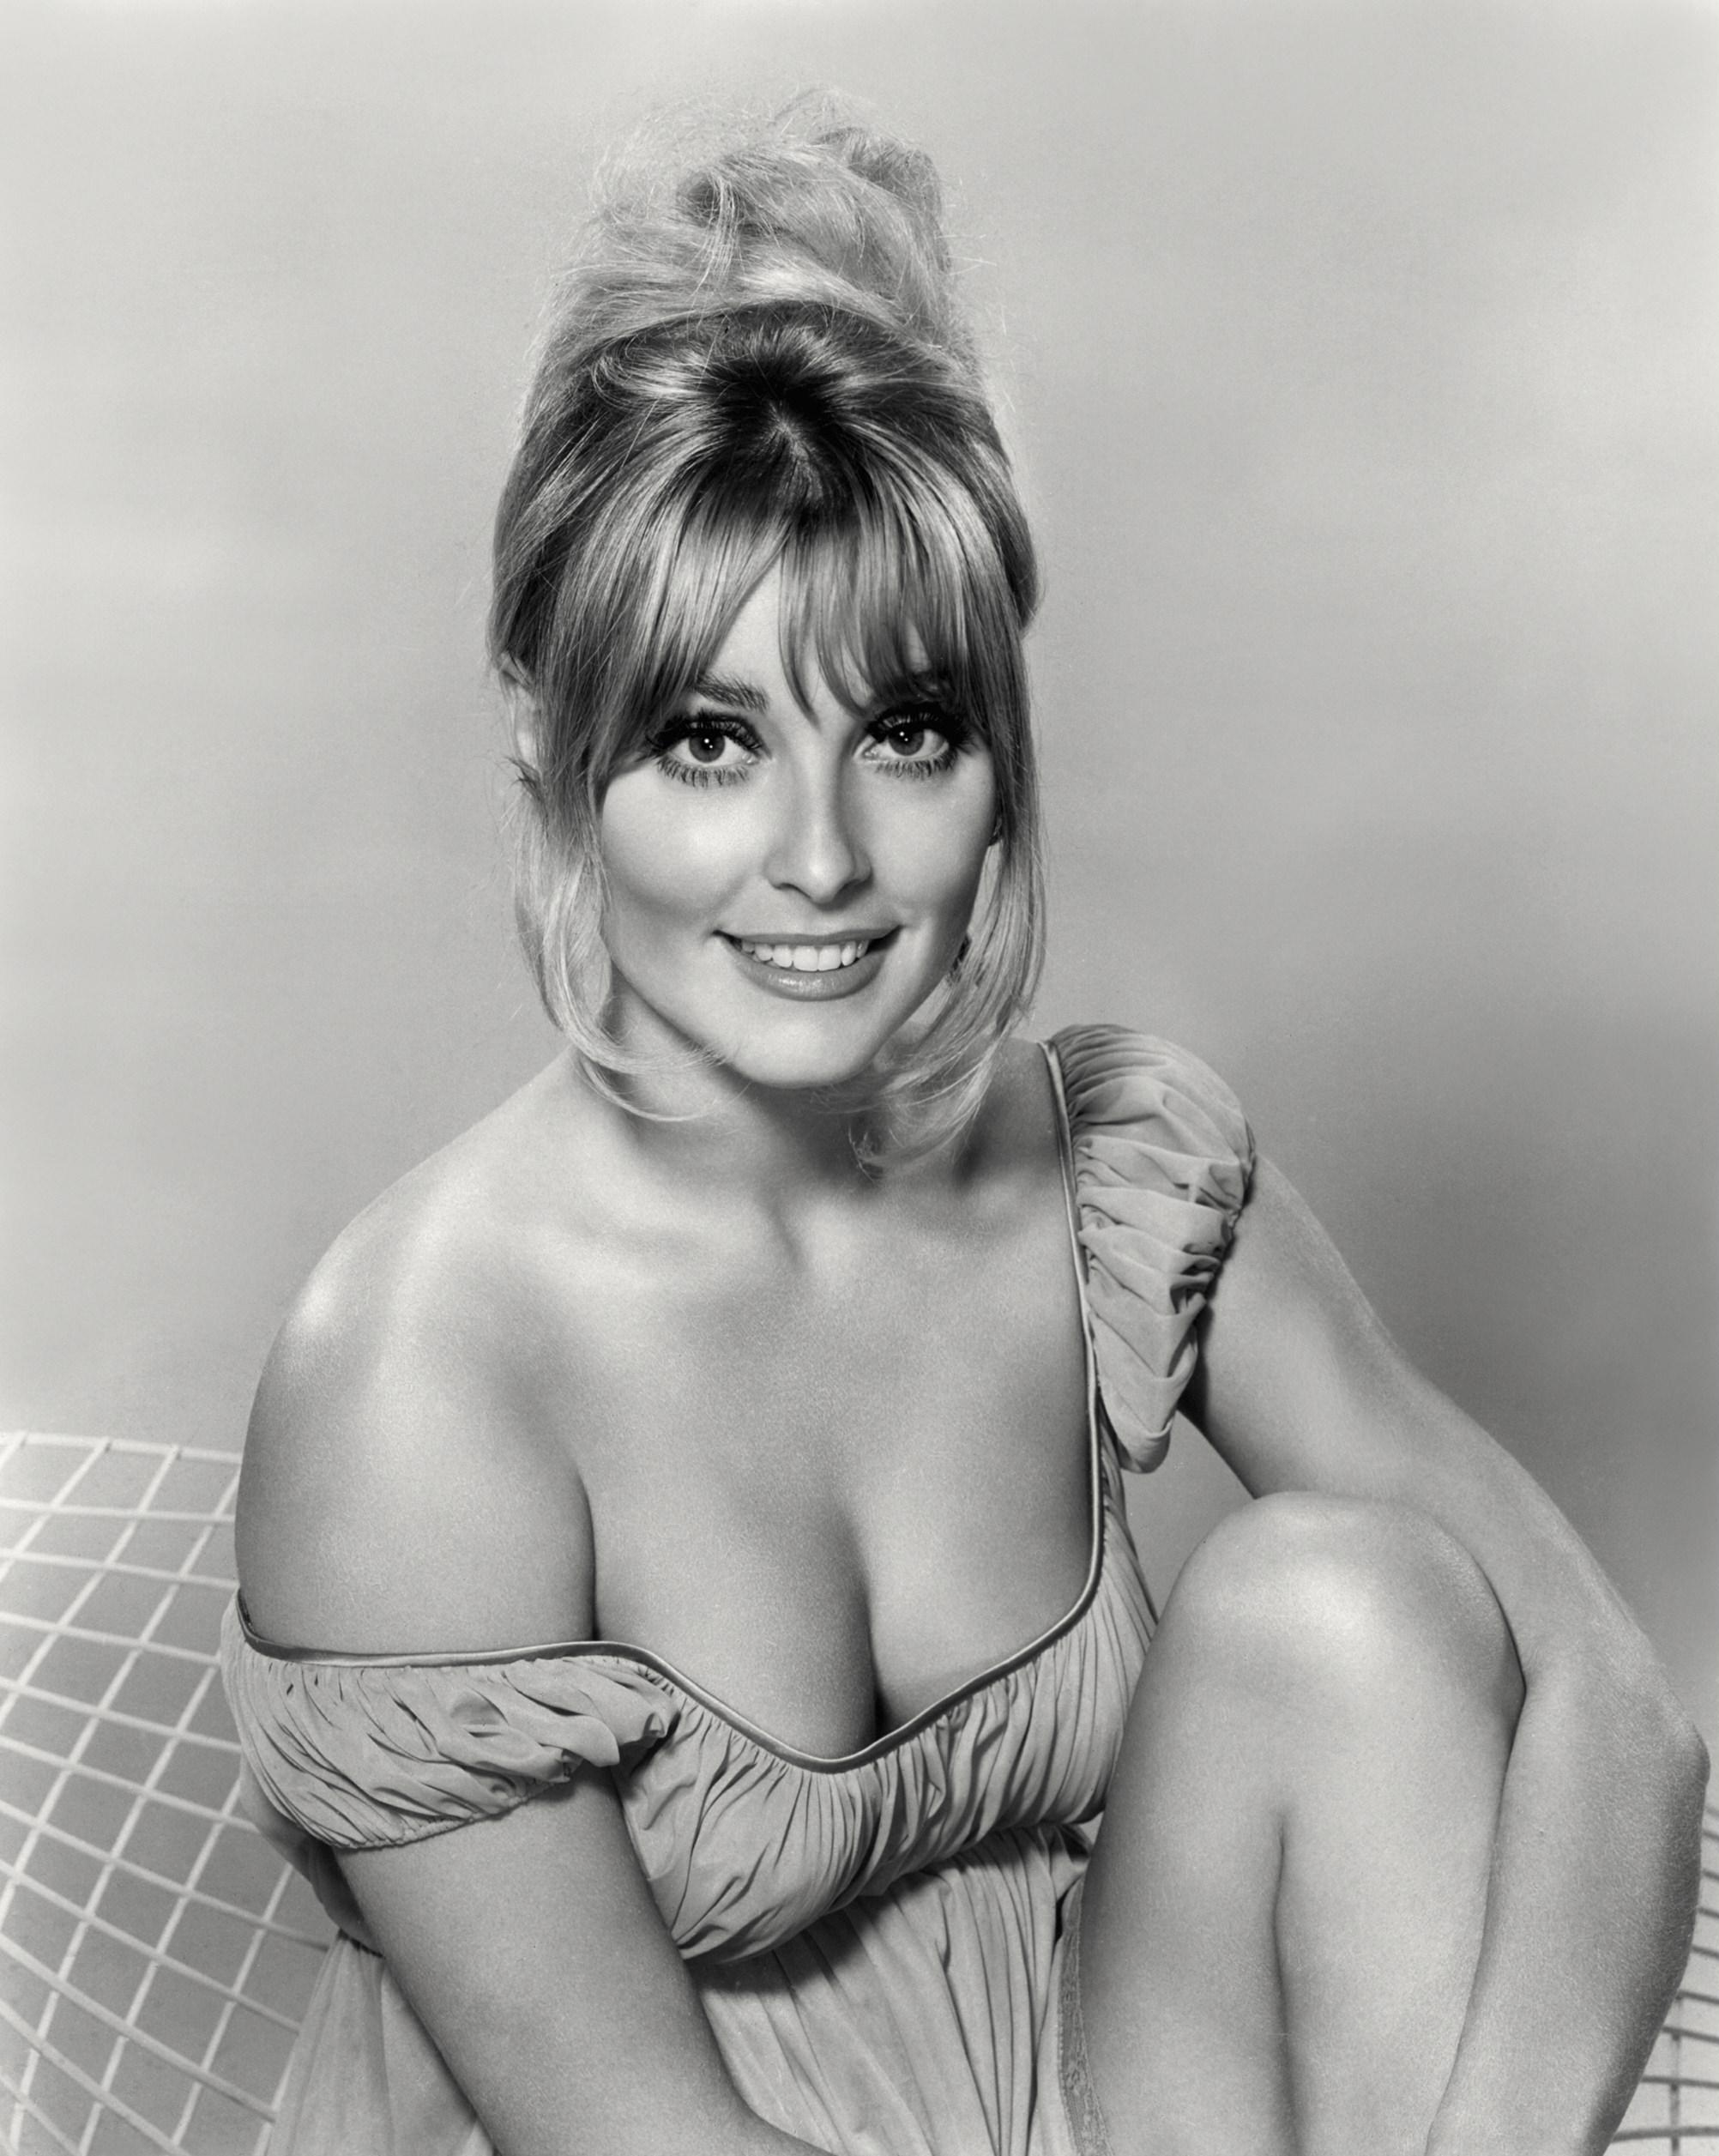 Sharon Tate - Actress Wallpapers